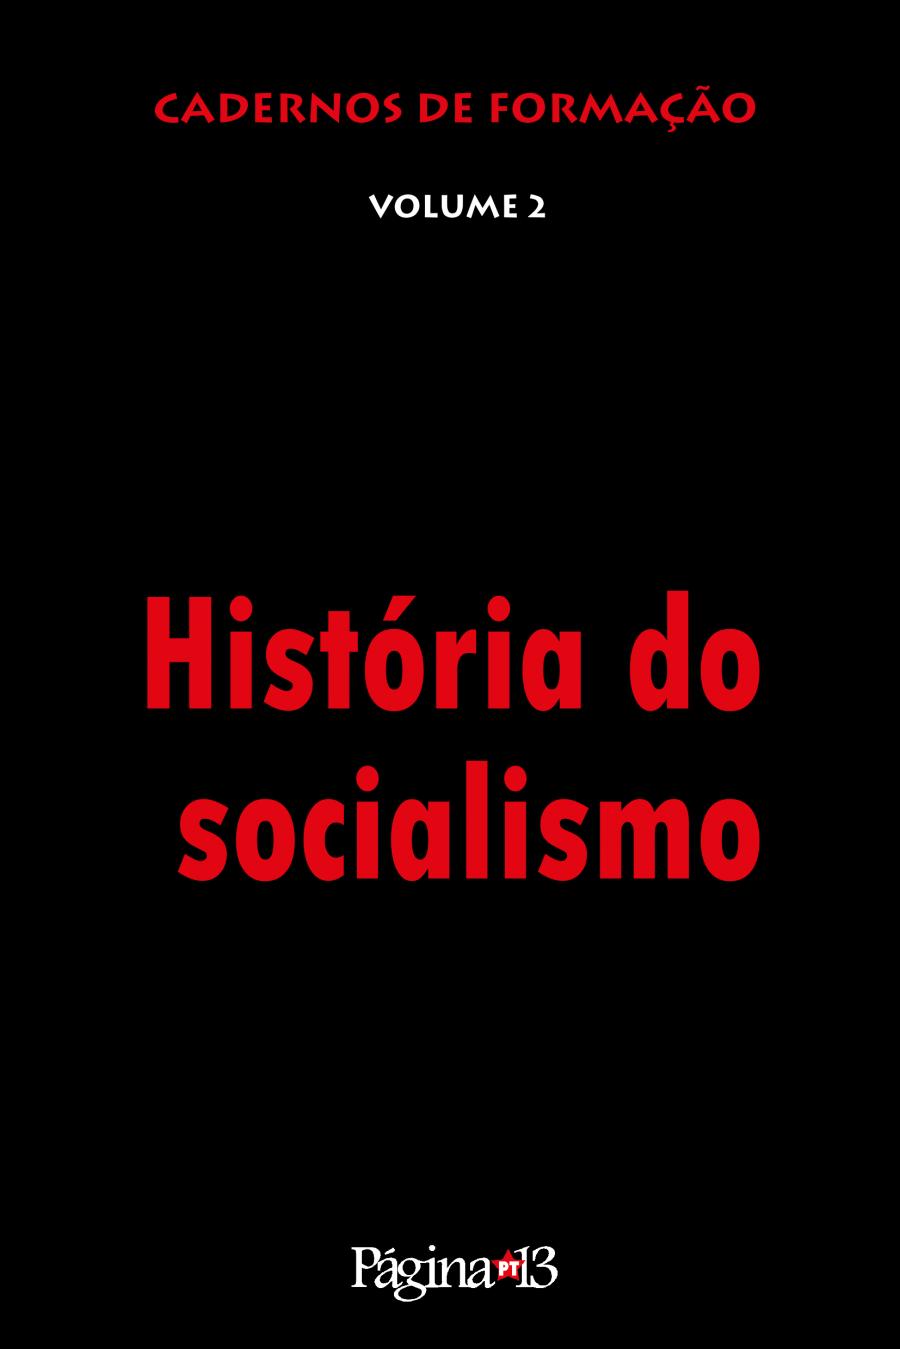 Cadernos de Formação Vol. 2 - História do Socialismo